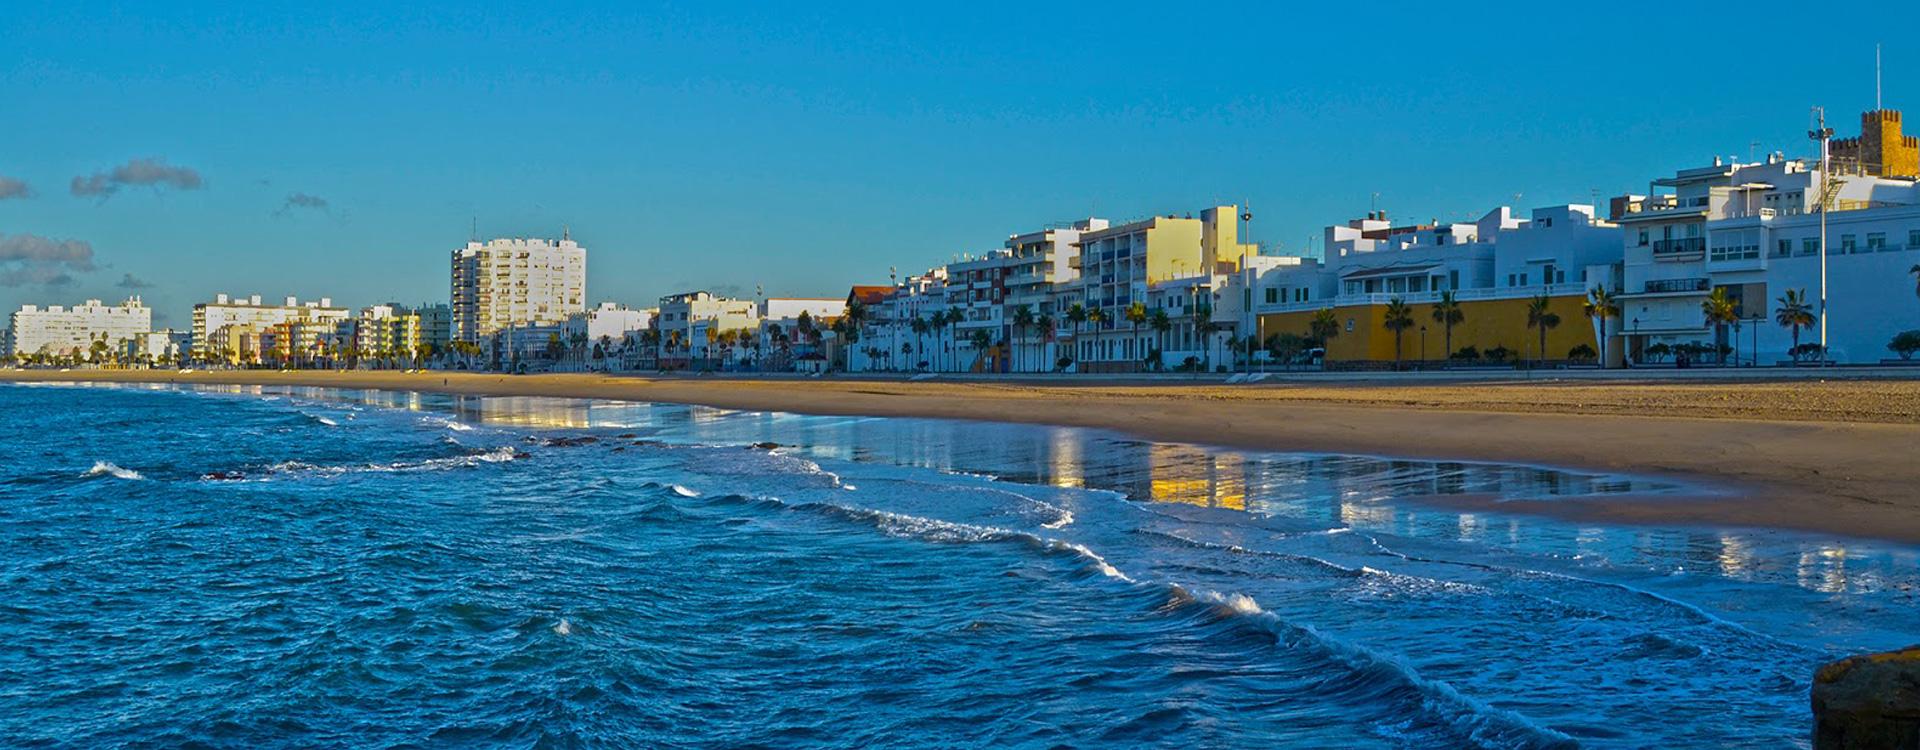 Playa La Costilla Rota Cadiz